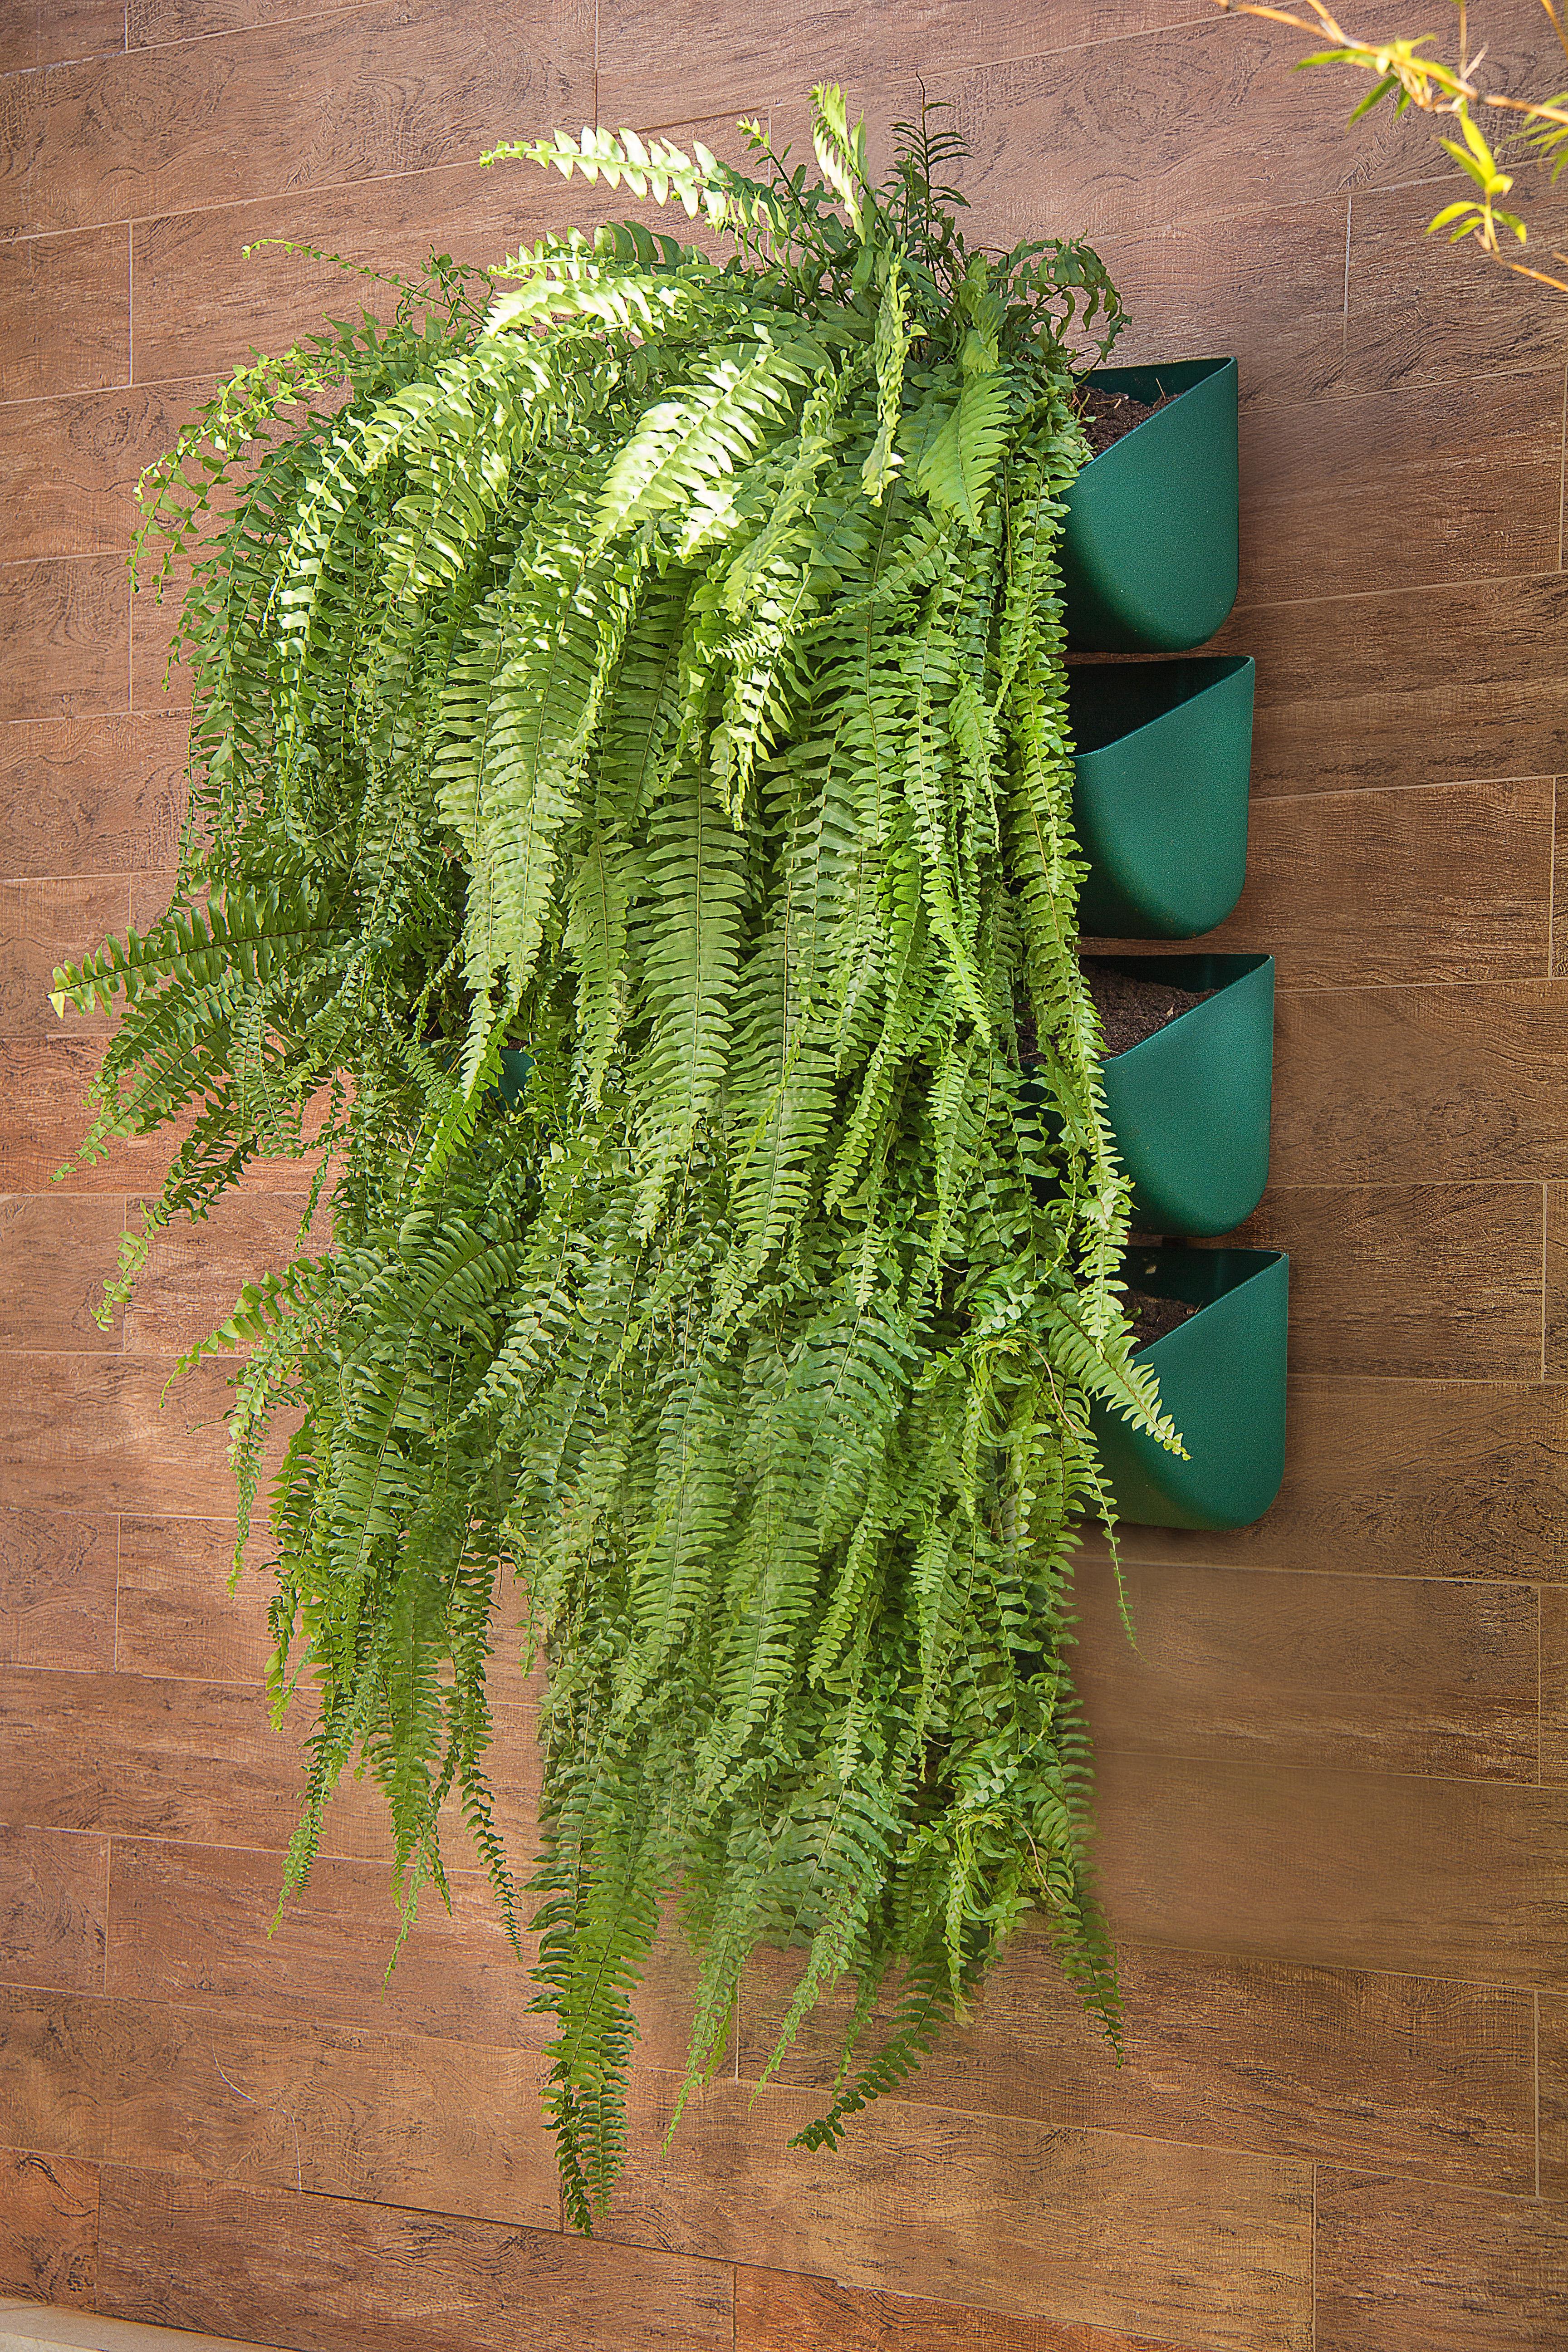 jardim vertical tubo pvc:pai dos JARDINS VERTICAIS